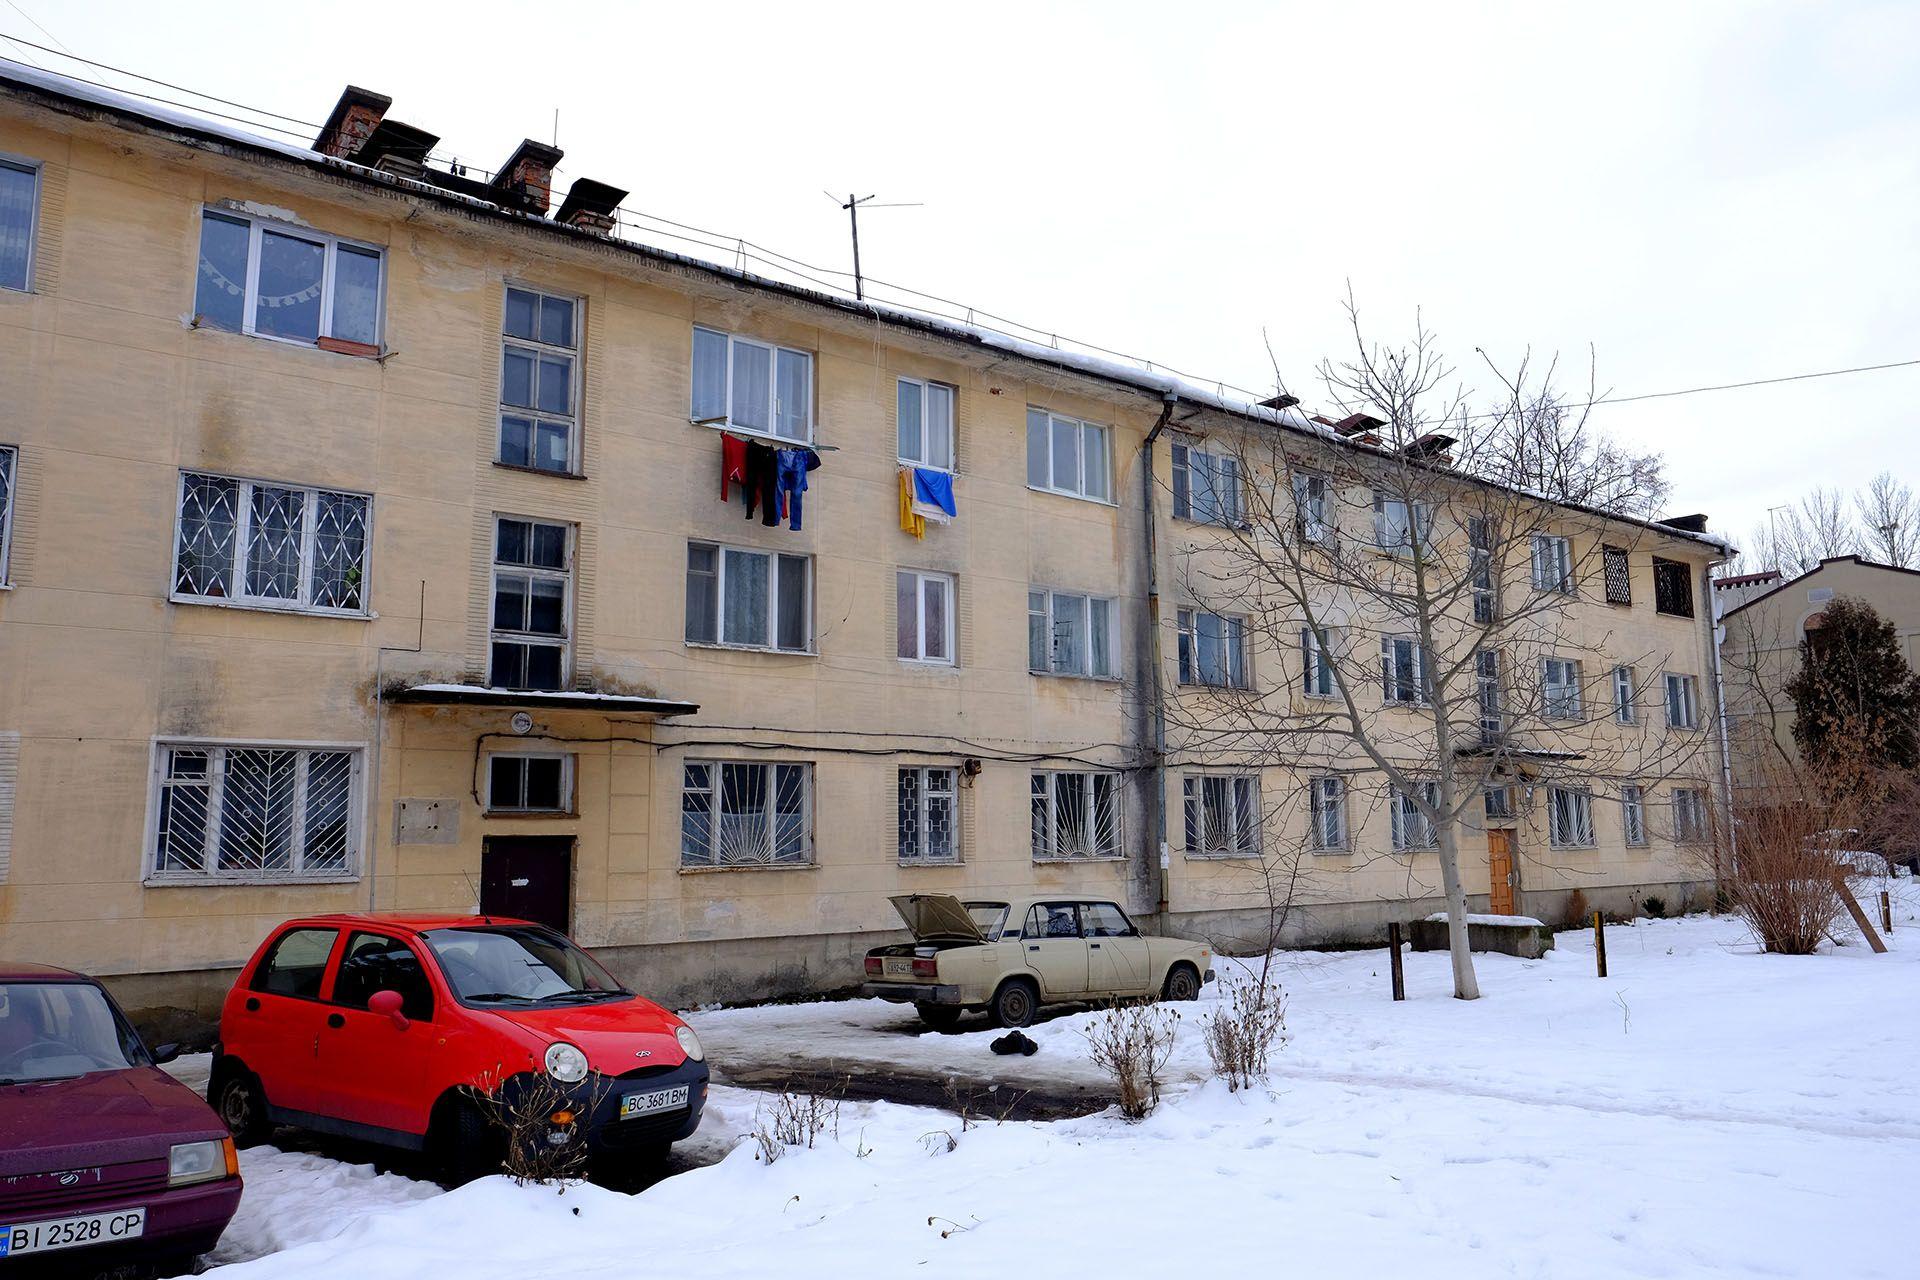 Автомобіль, припаркований перед будинком, вкрите снігом